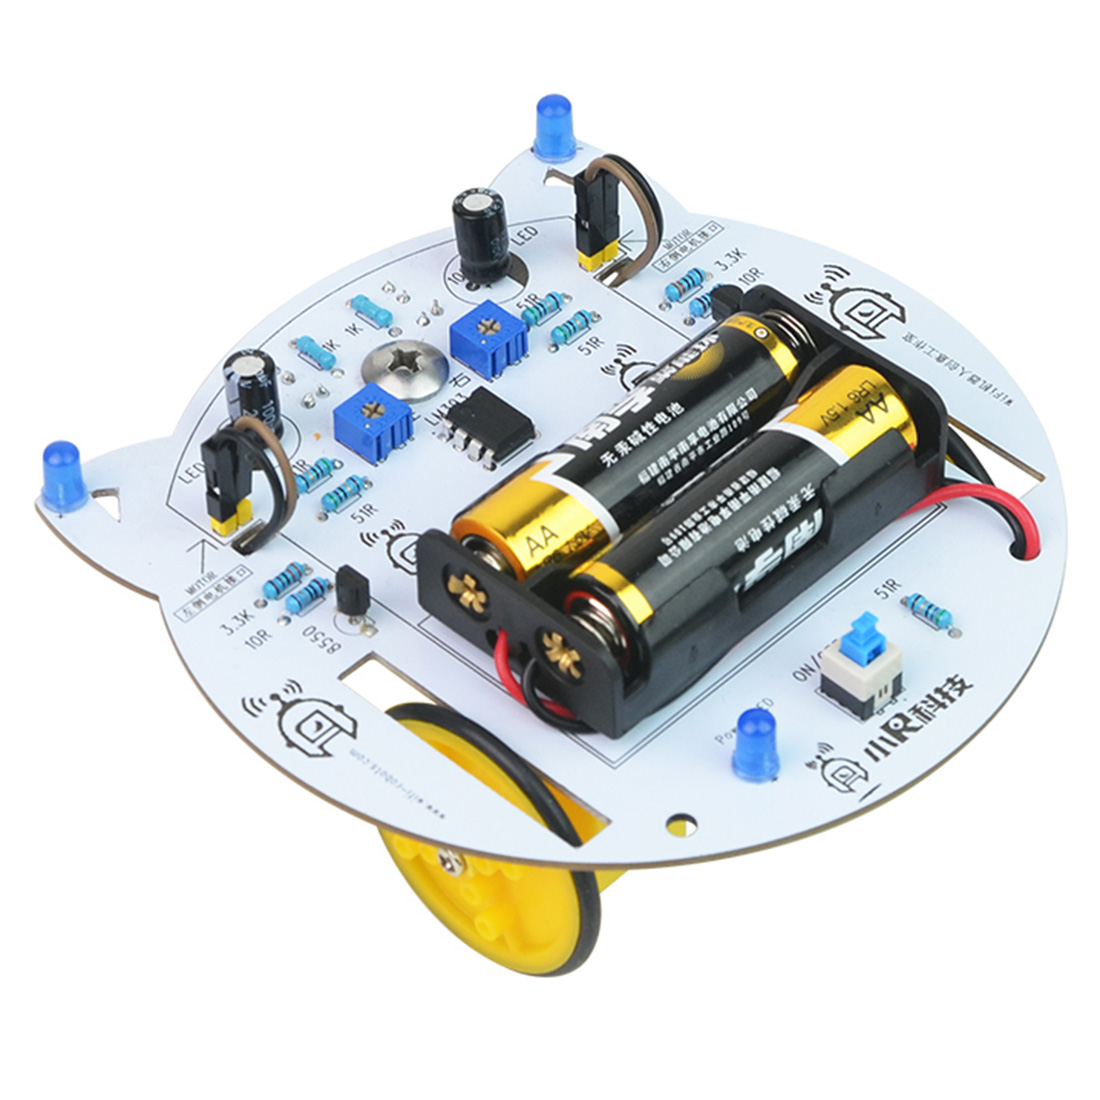 modiker-bricolage-haute-technologie-jouets-mini-chat-bricolage-intelligent-rc-robot-voiture-suivi-vapeur-educatif-programmable-toyskit